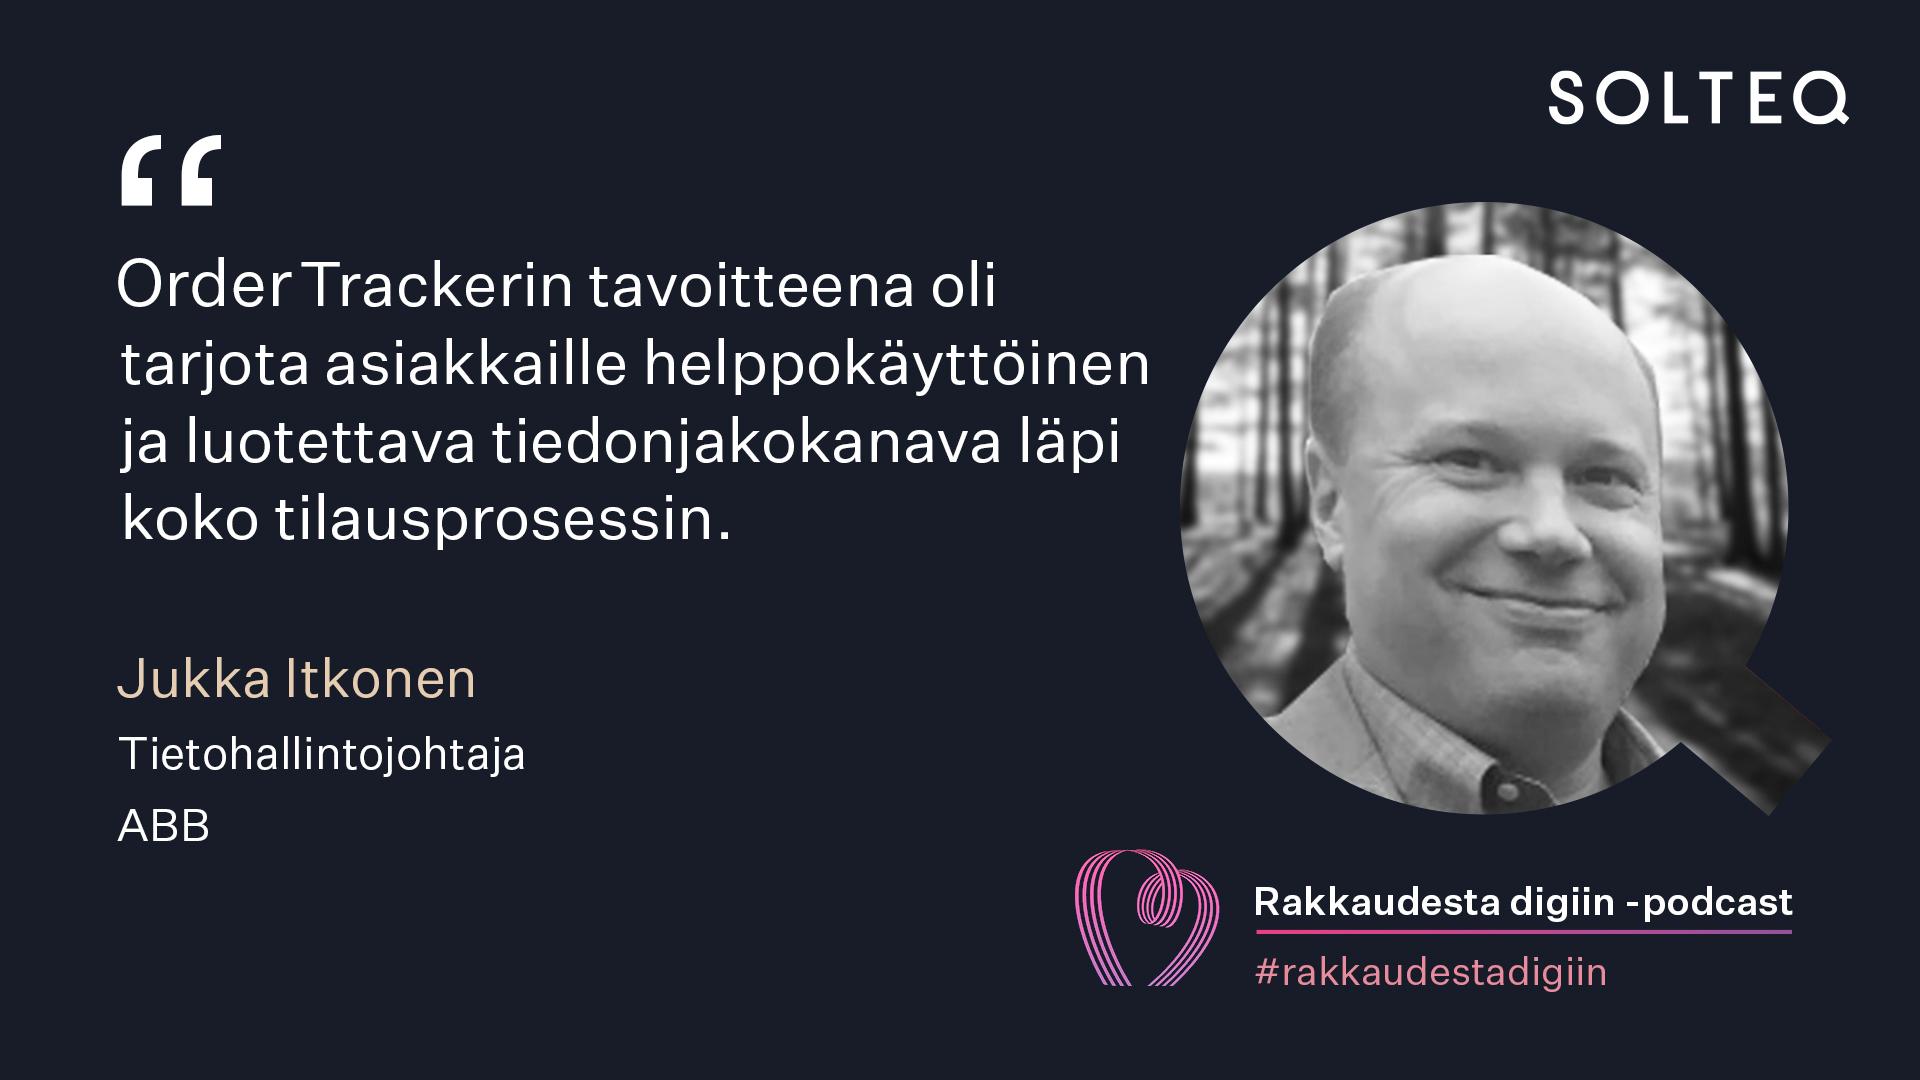 Quote Jukka Itkonen, ABB